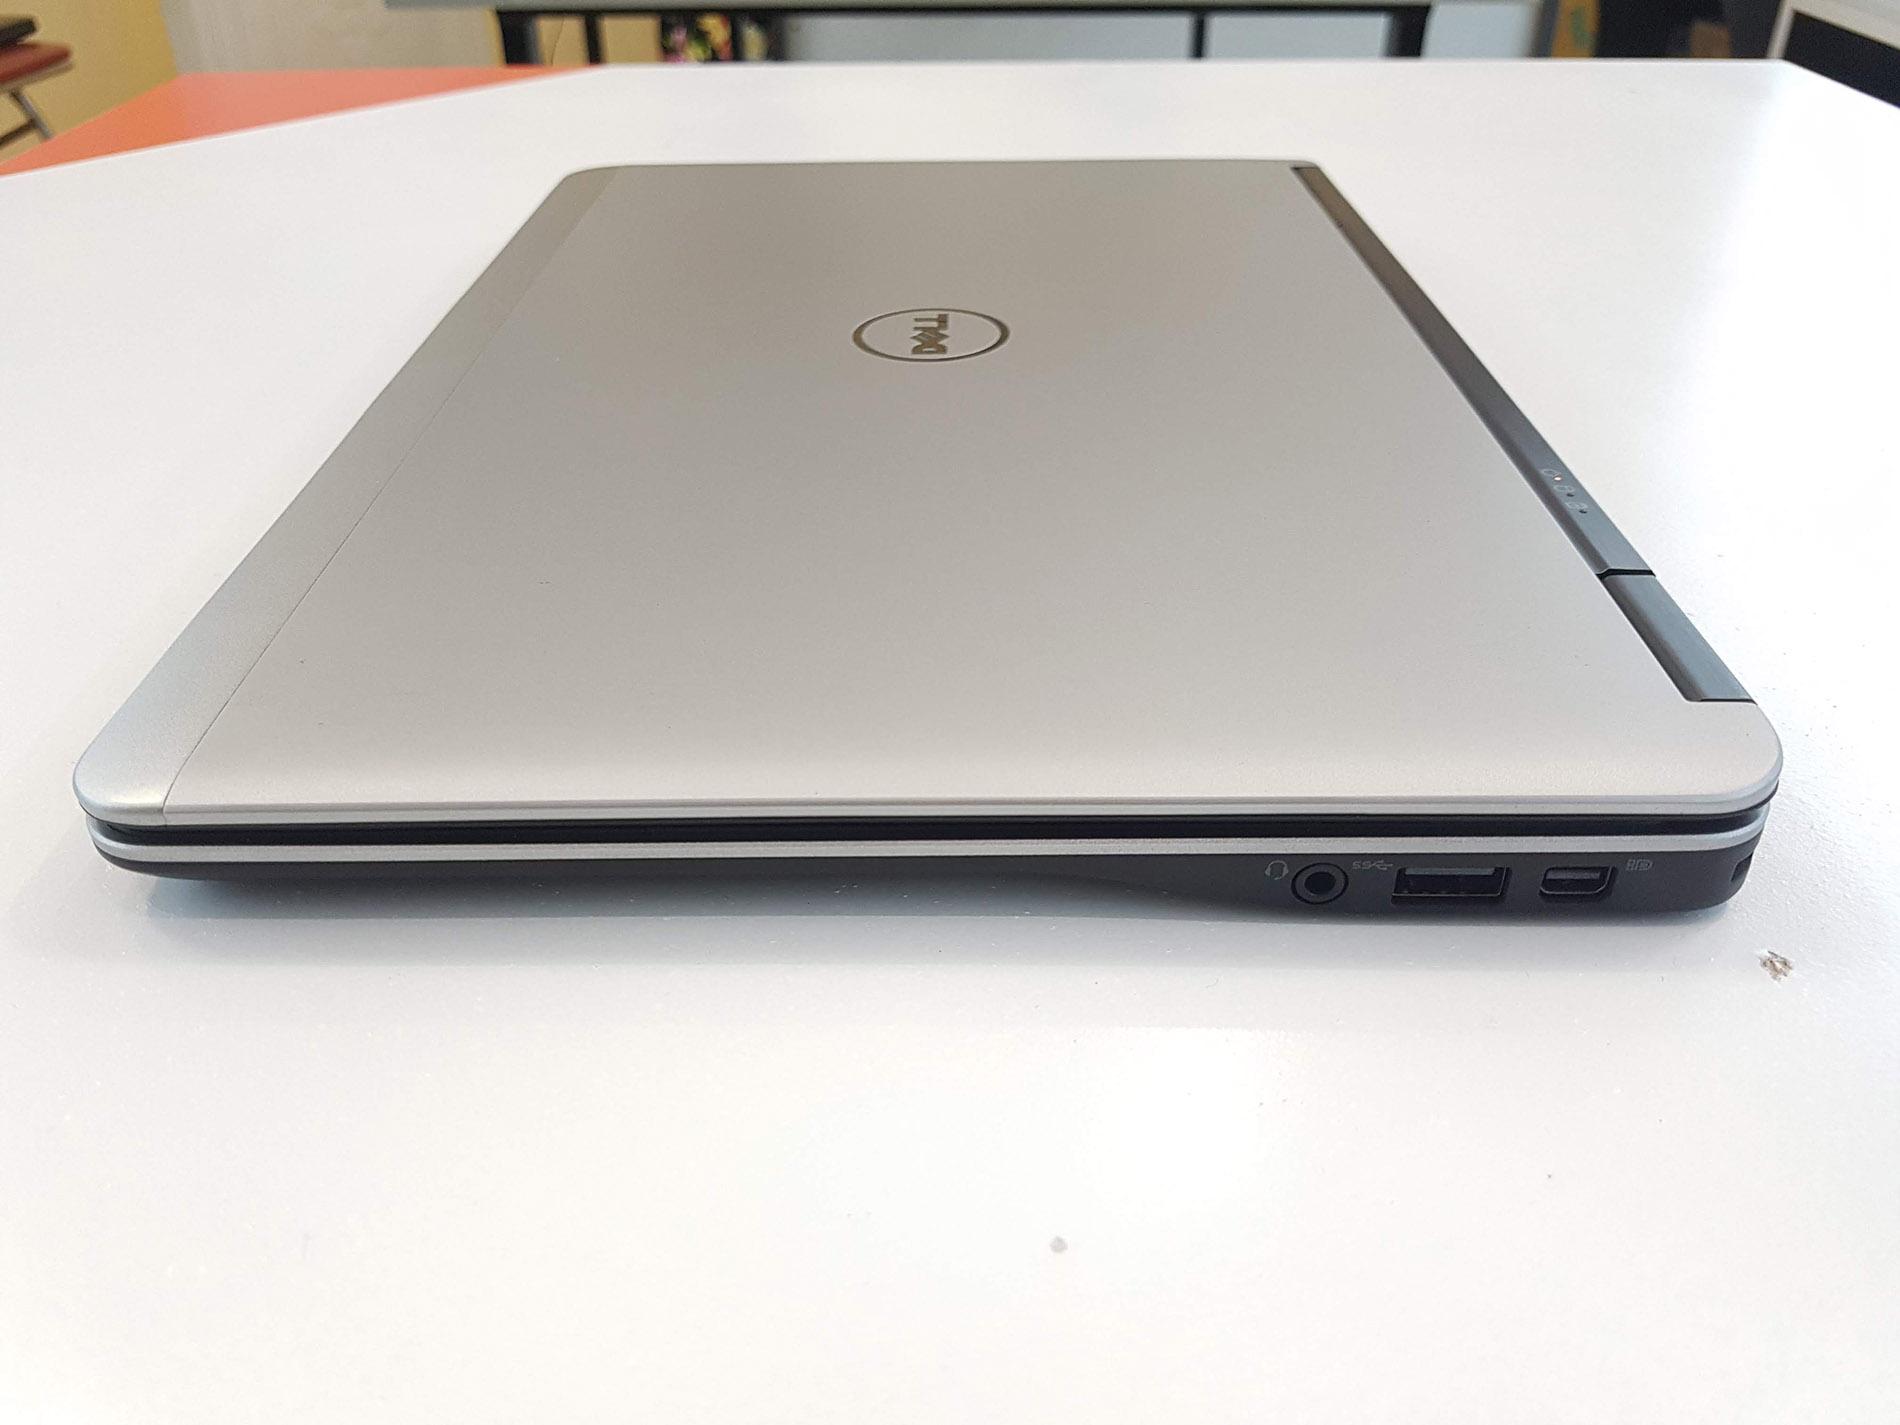 Laptop di động Dell Latitude E7240 Core i5 4300u/ Ram 4Gb/ SSD 256Gb/ 12.5 inch - Hàng xách tay -...